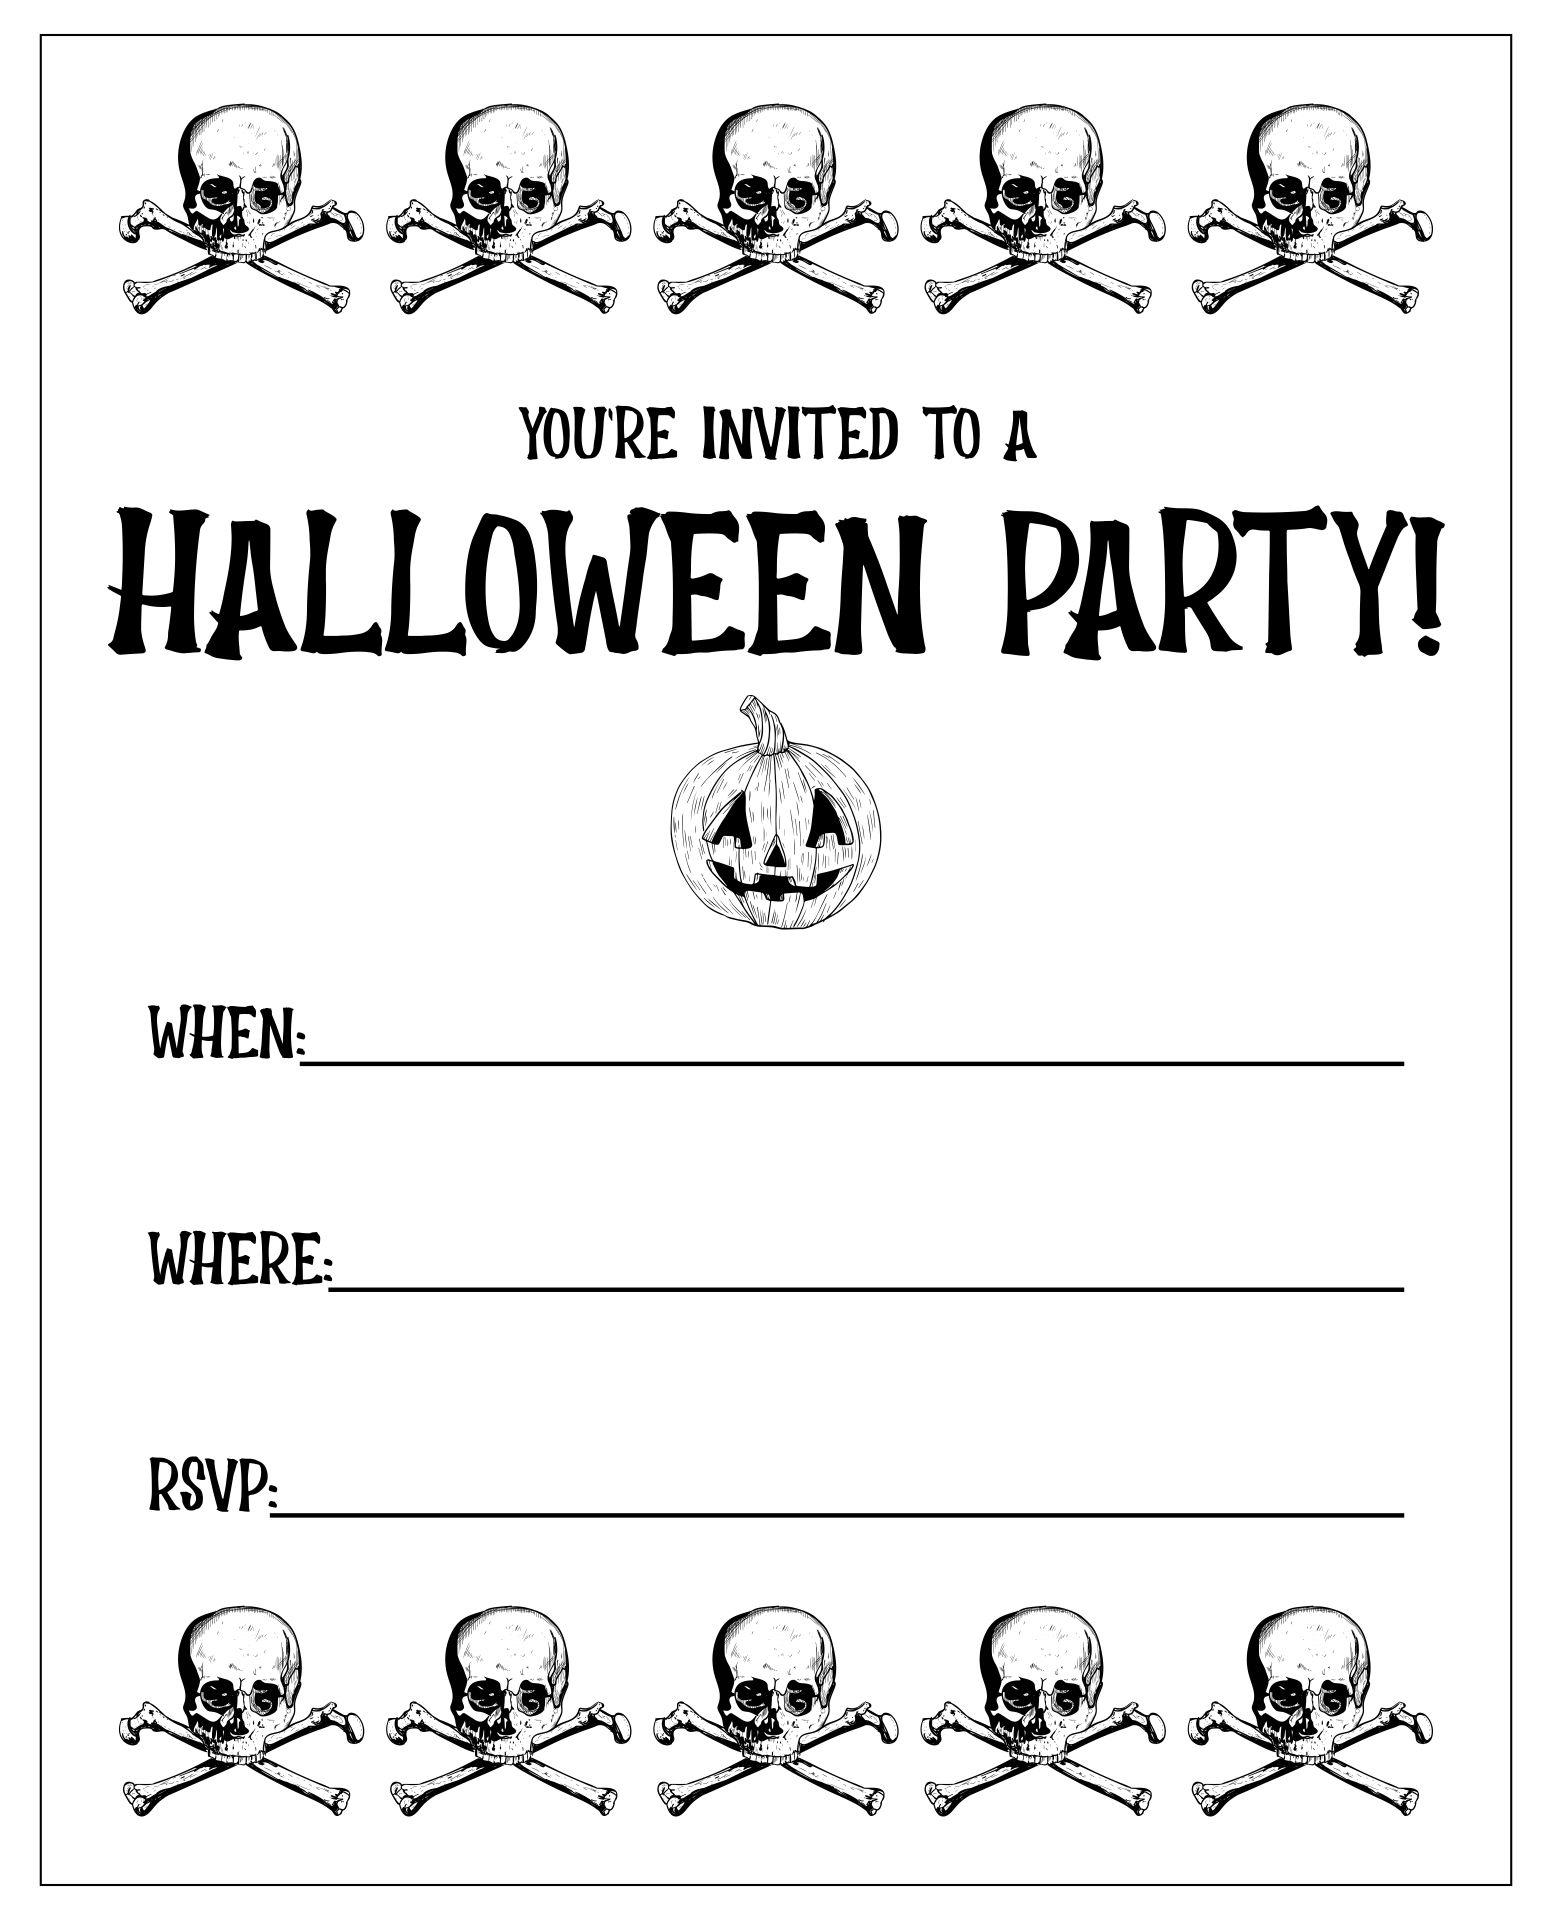 Happy Halloween Printable Party Invites